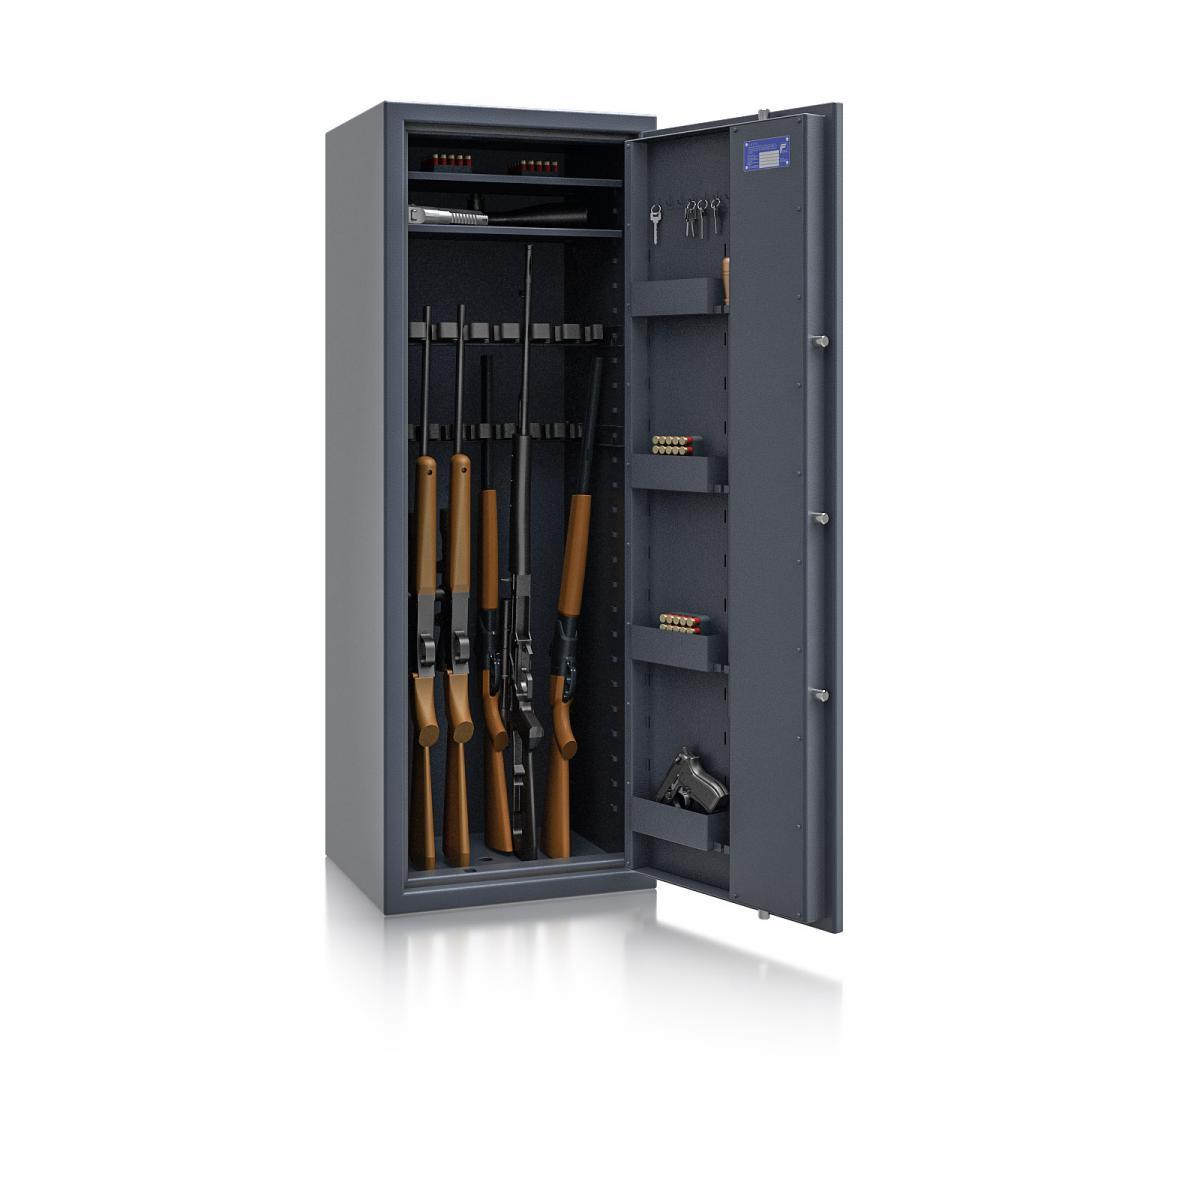 Waffenschrank Luzern WF MAX 1 - 1500x550x450 / 175kg 55631 / Klasse 0 / RAL7024 / Schlüssel / DIN R / ohne Trennw.